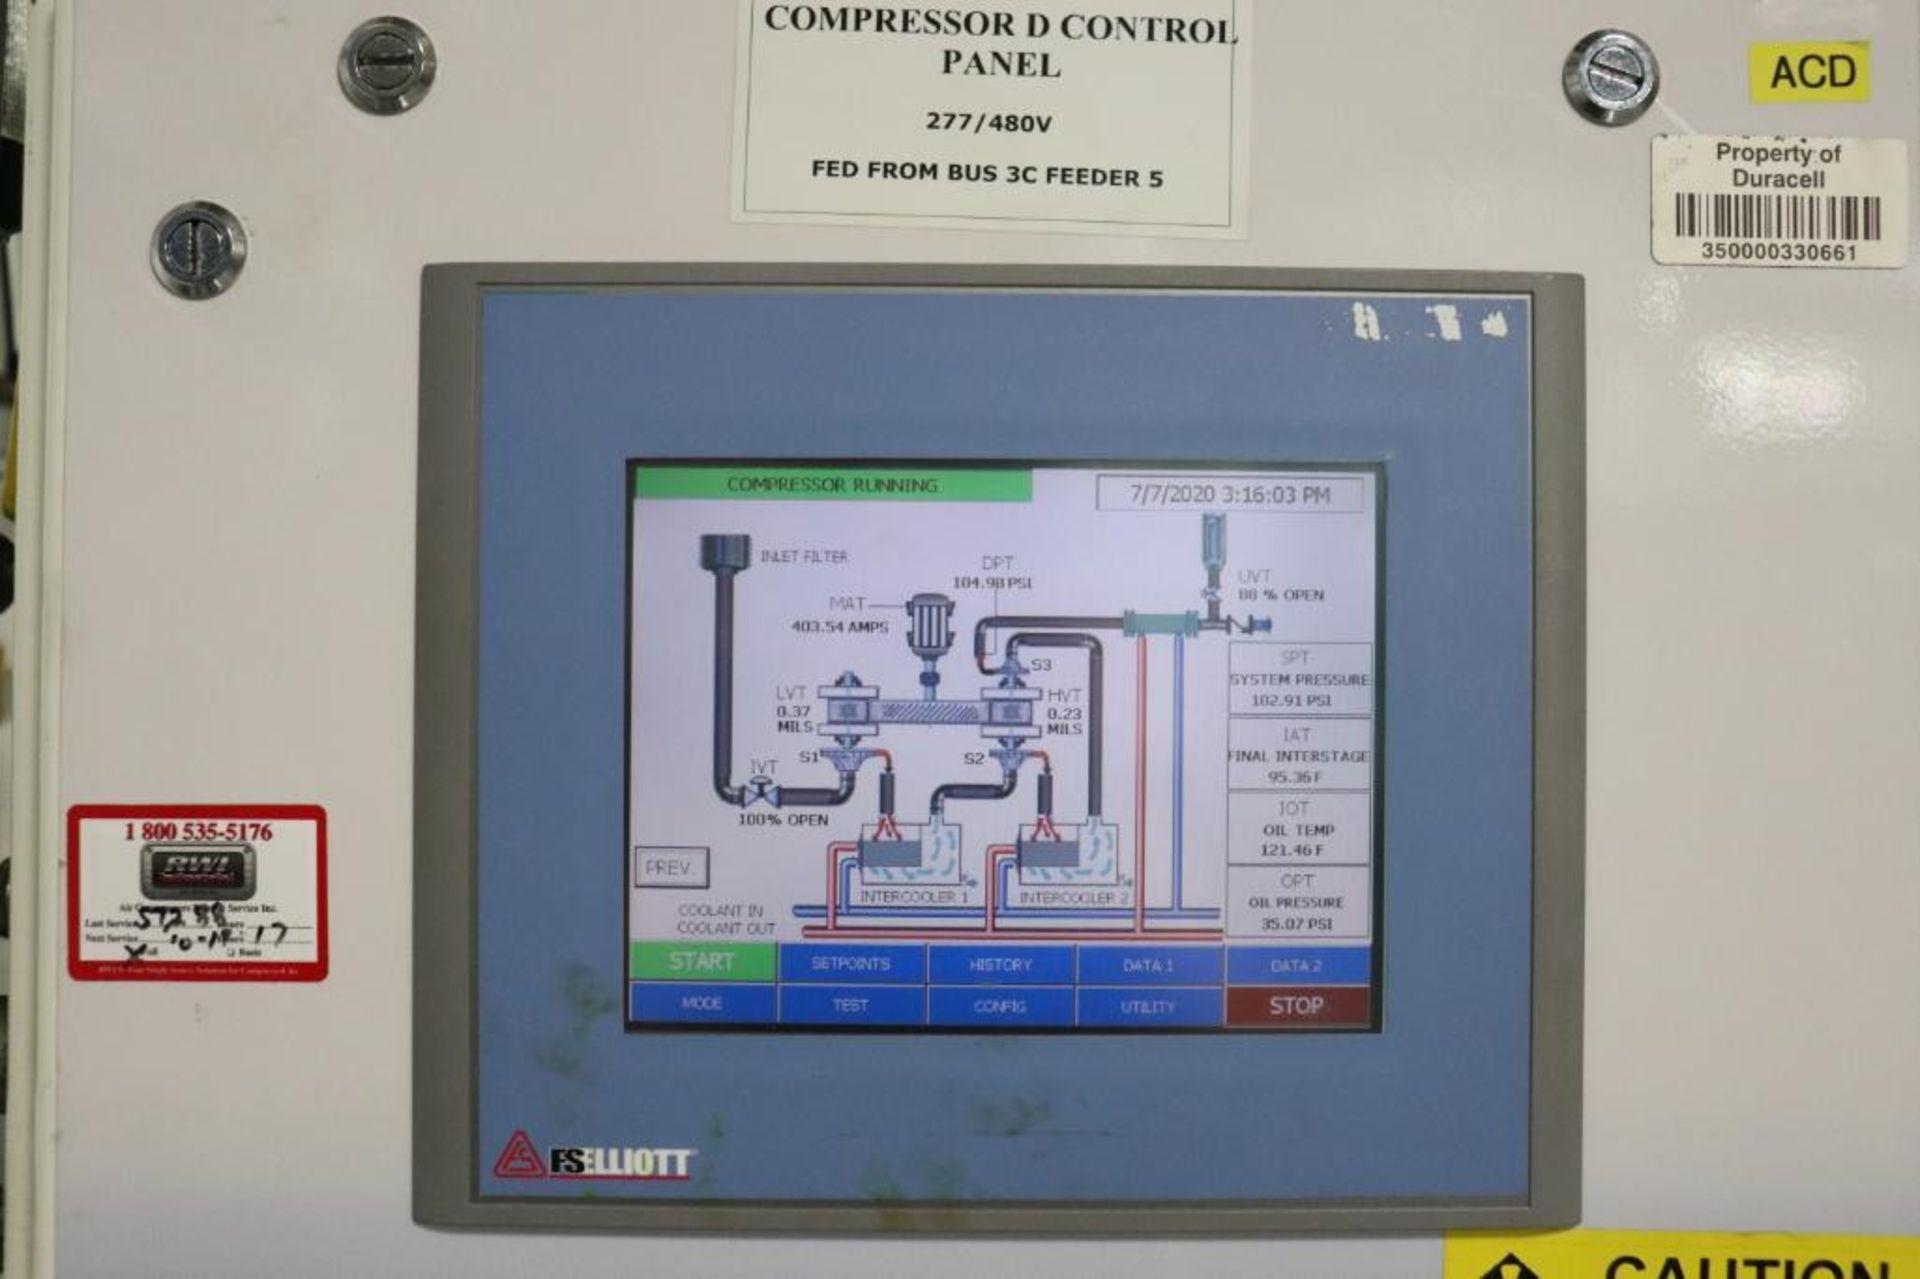 Elliot 180AD 1800 CFM compressor w/ dryer - Image 2 of 19